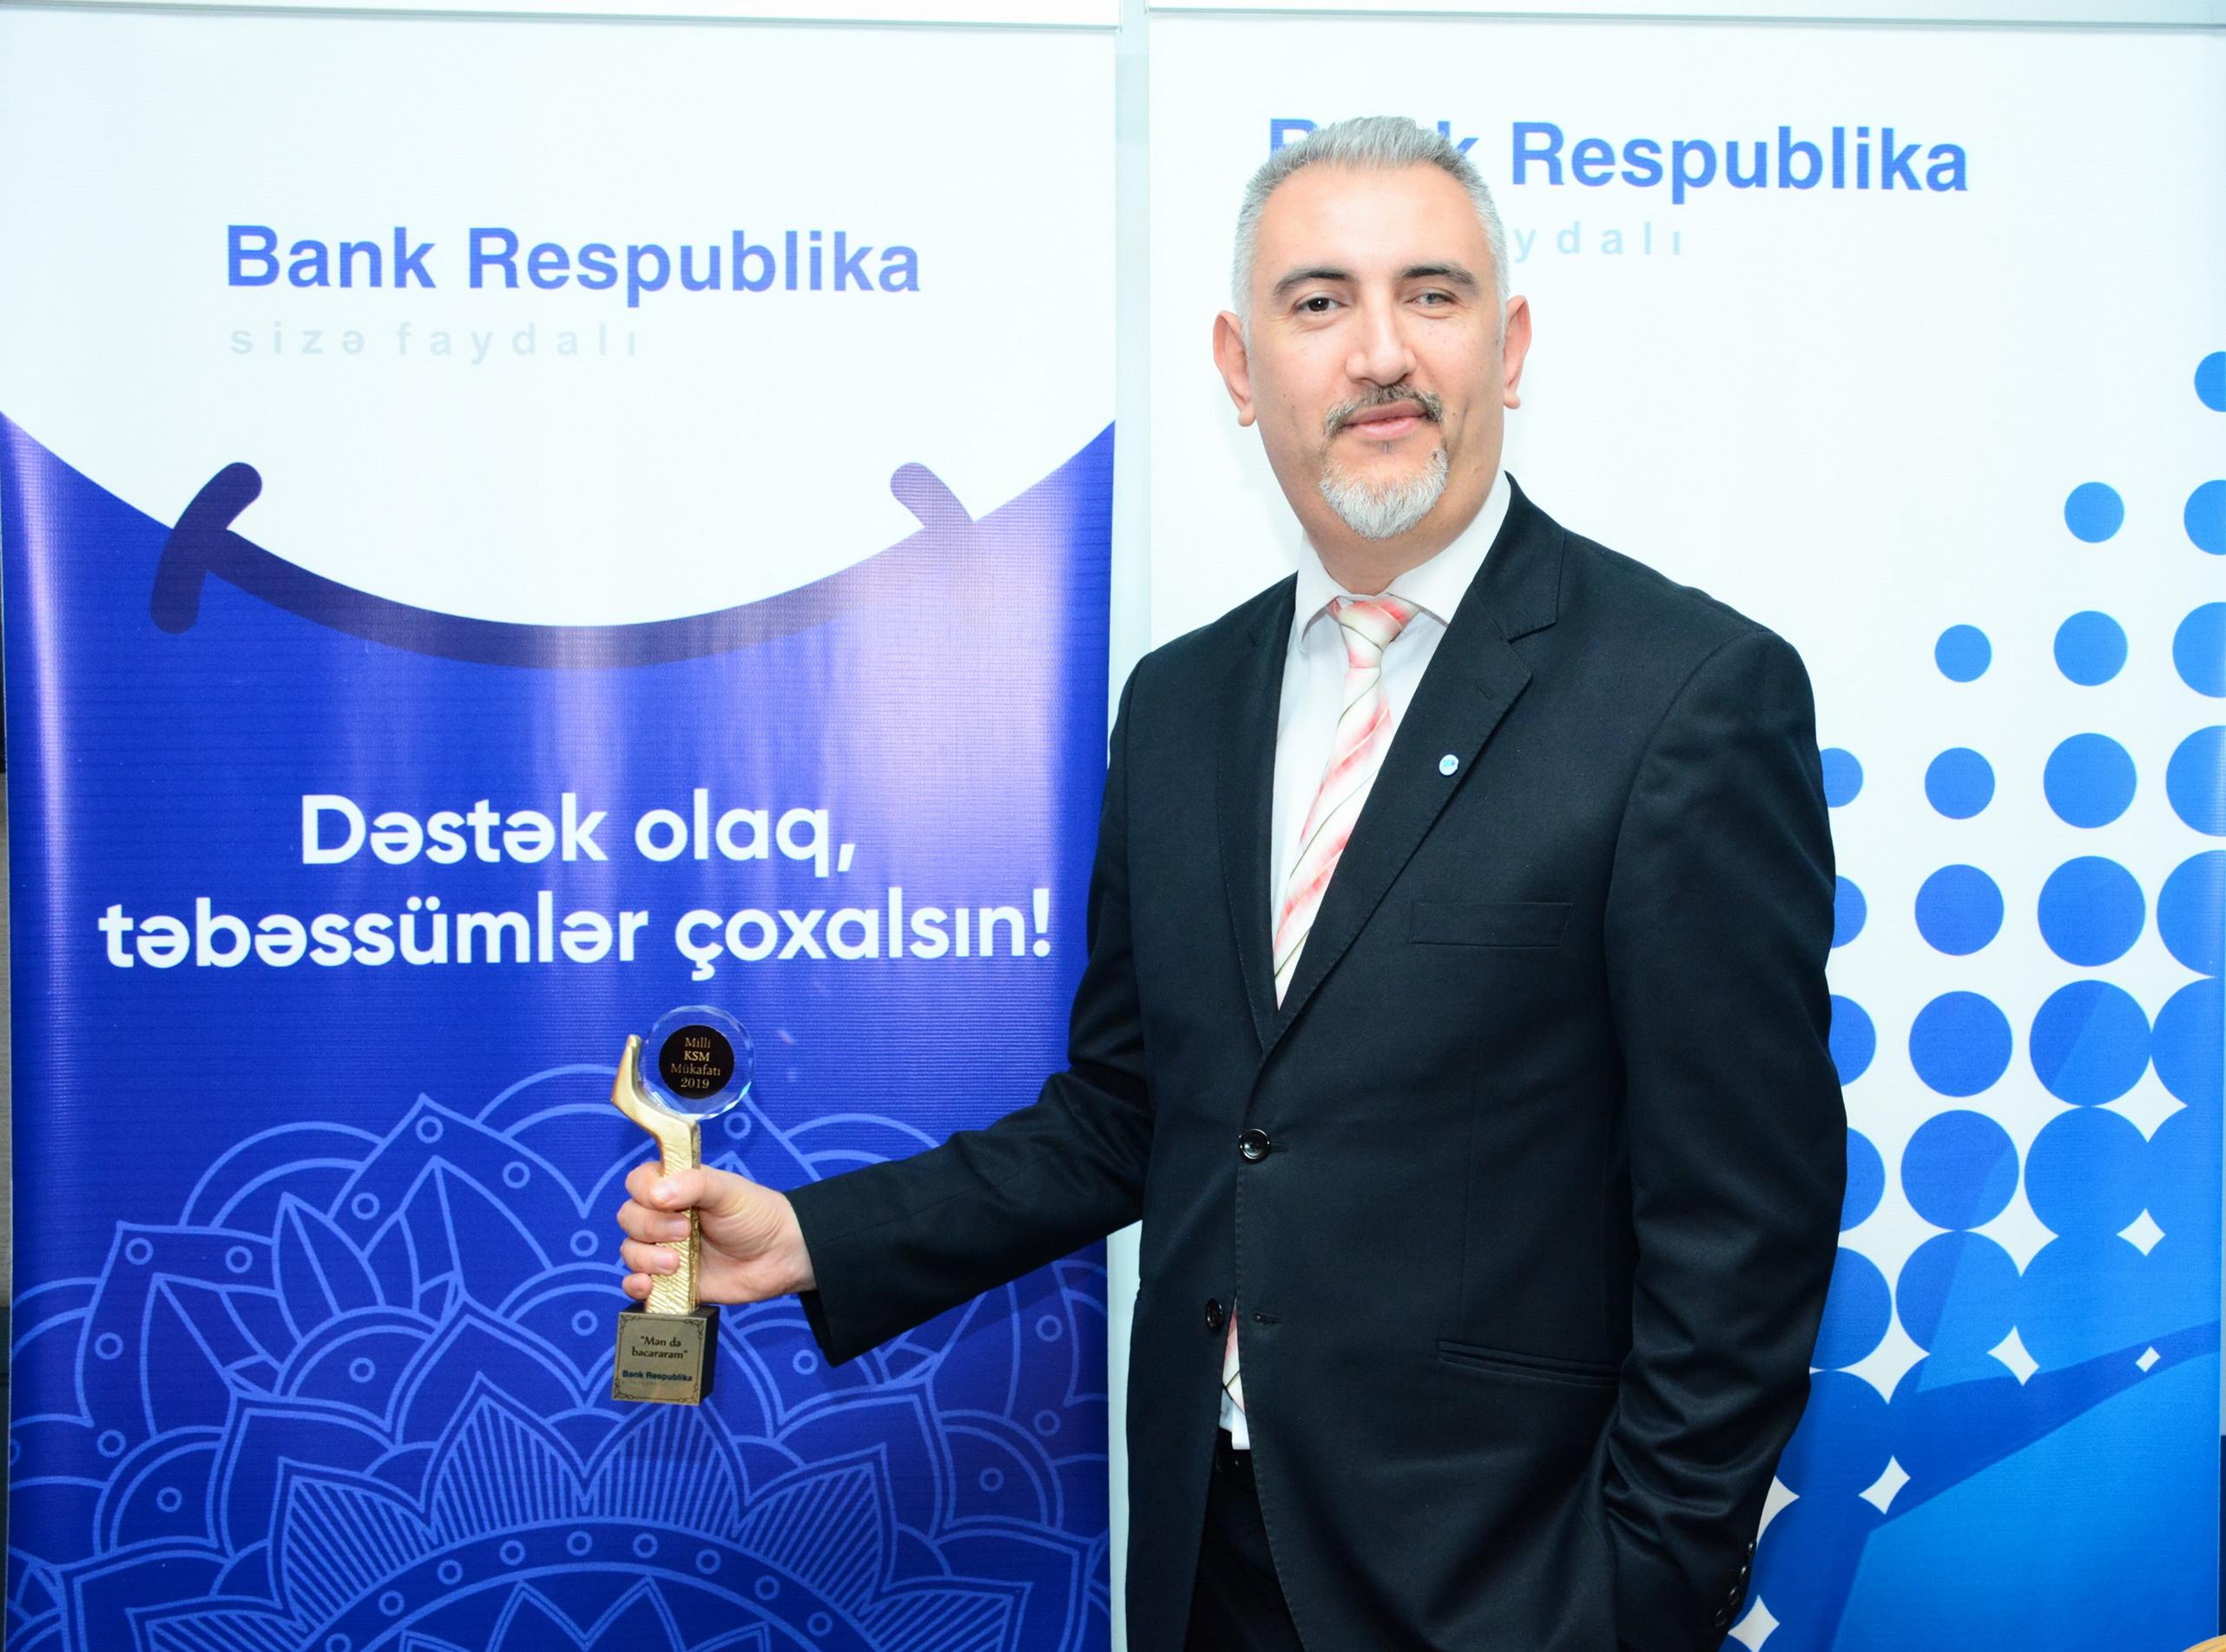 Bank Respublika 2020-ci ildə ilk mükafatını qazanıb!